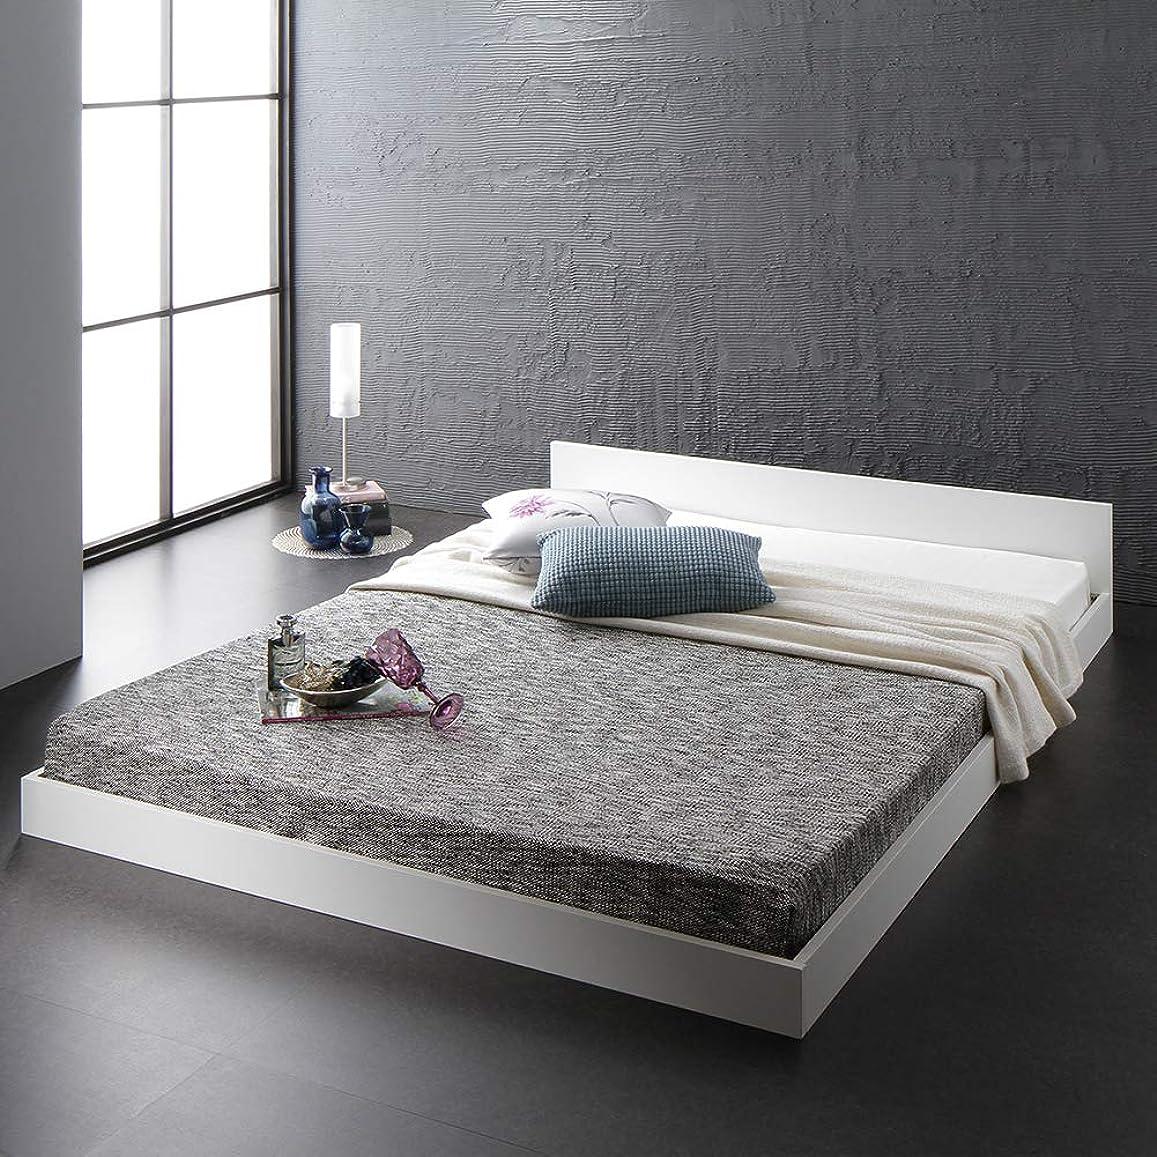 公演アパート発揮するベッド 低床 ロータイプ すのこ 木製 一枚板 フラット ヘッド シンプル モダン ホワイト セミダブル ボンネルコイルマットレス付き